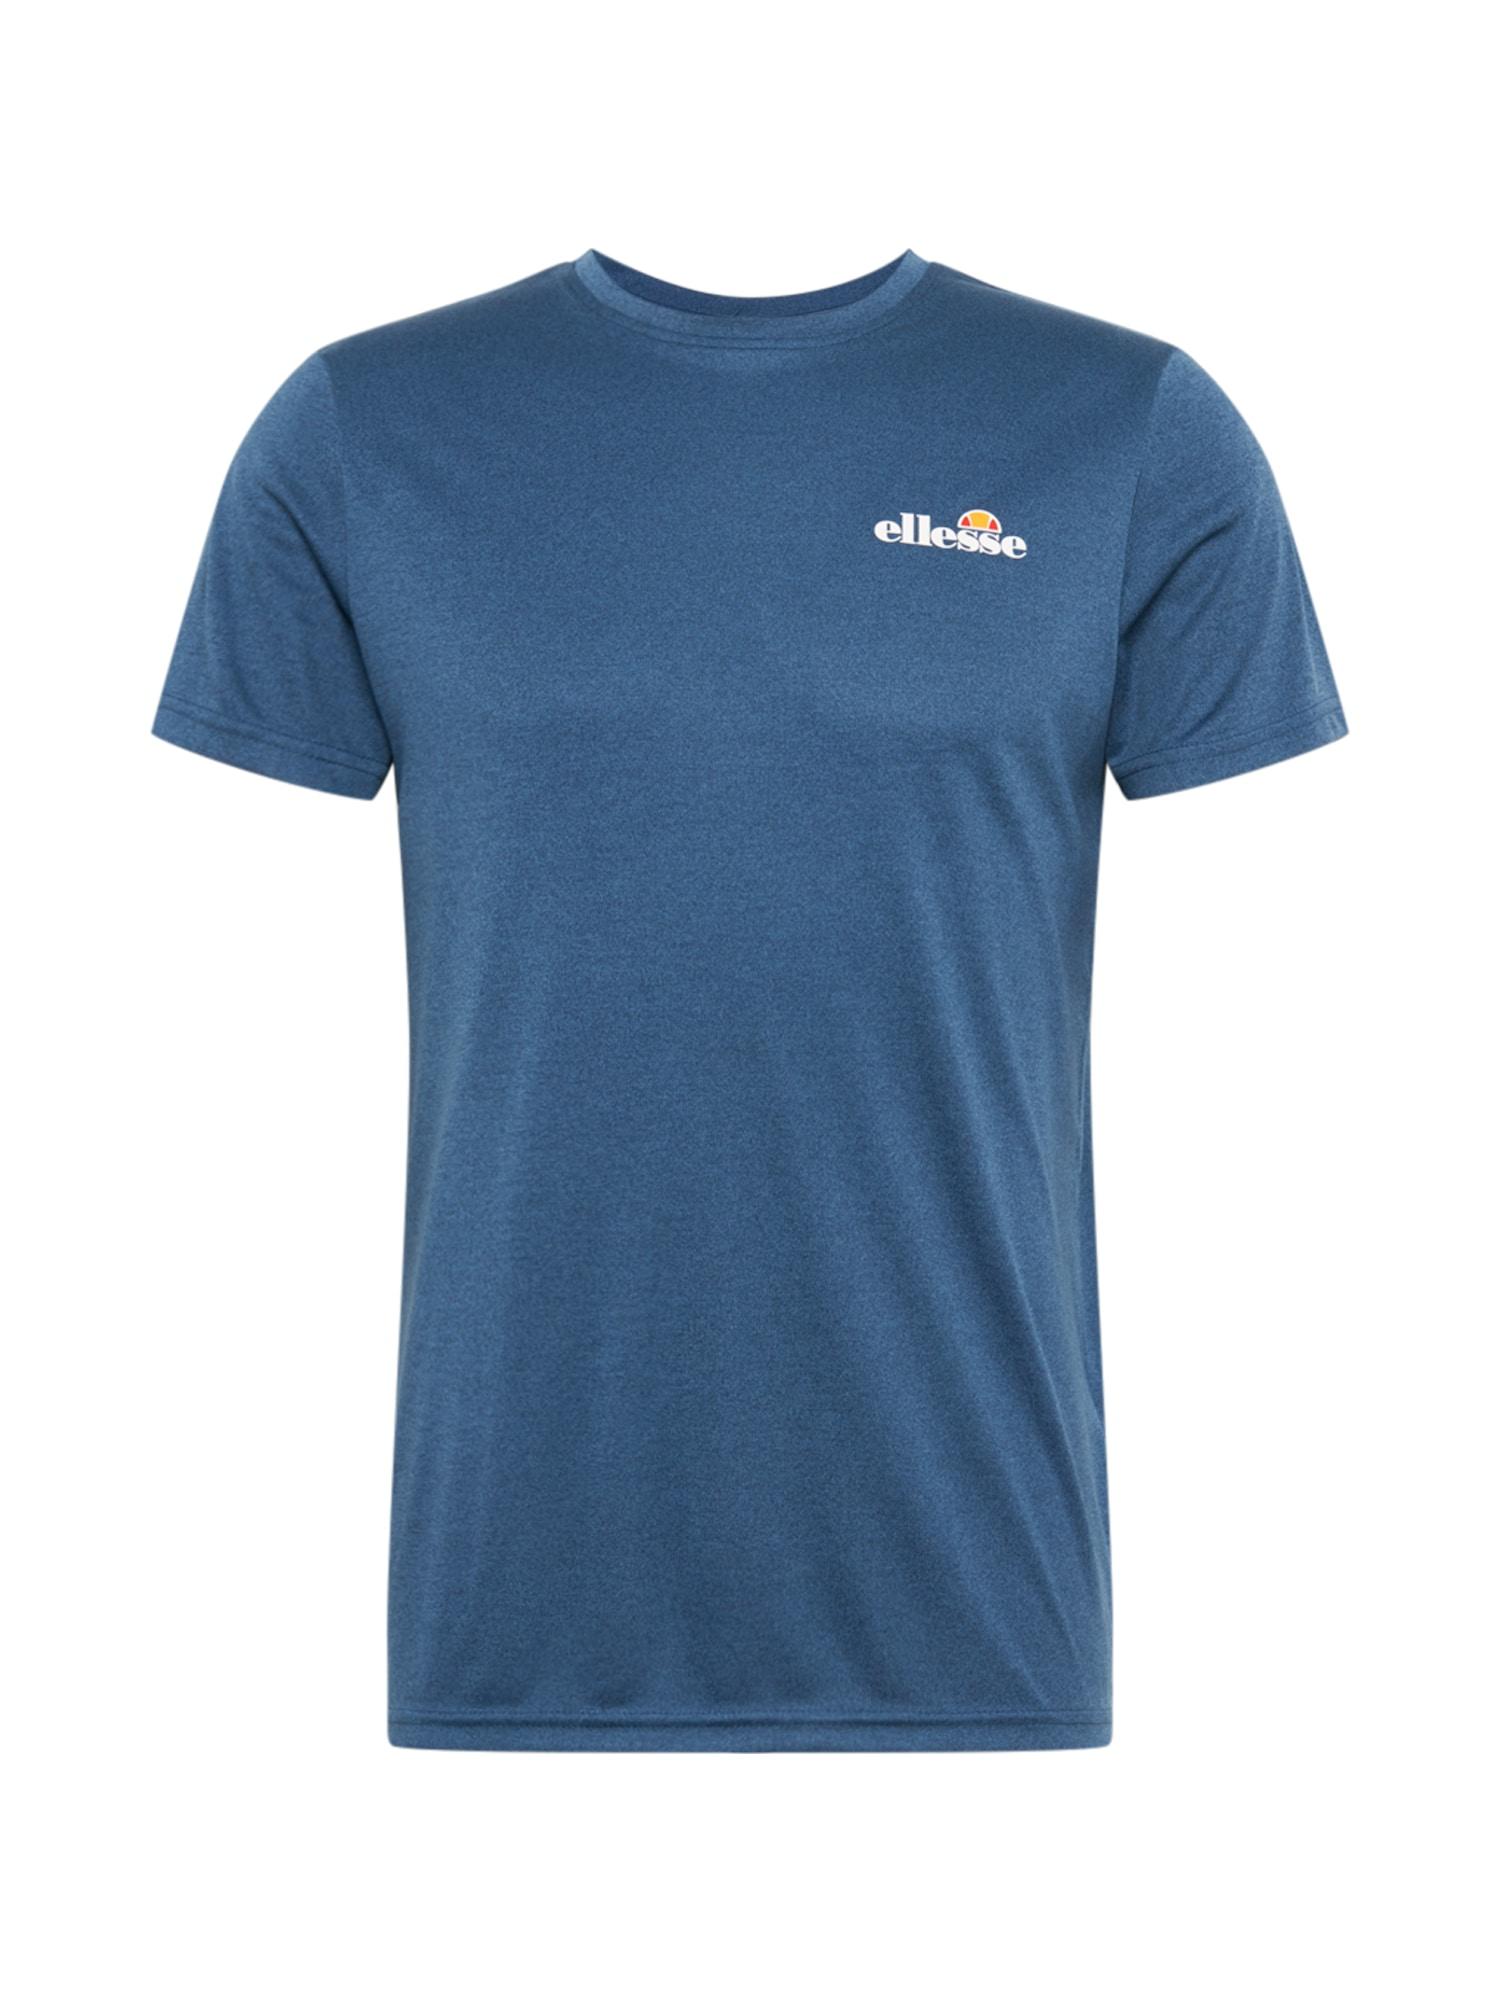 ELLESSE Sportiniai marškinėliai margai mėlyna